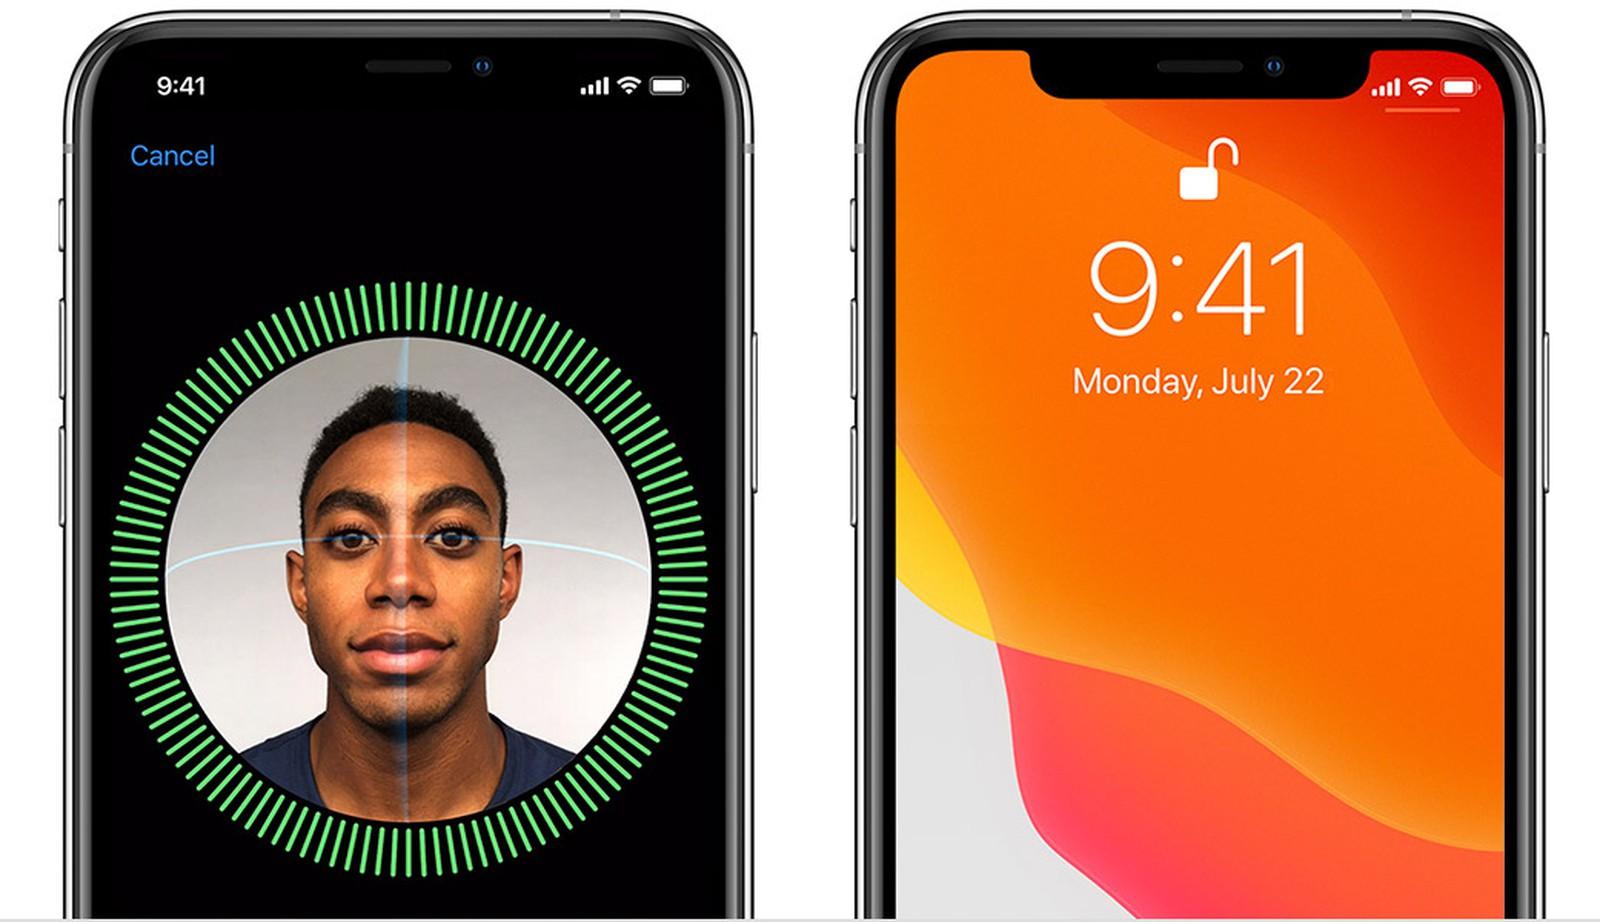 苹果或将会在 iPhone 和 iPad 上将 FACE ID 传感器芯片做得更小